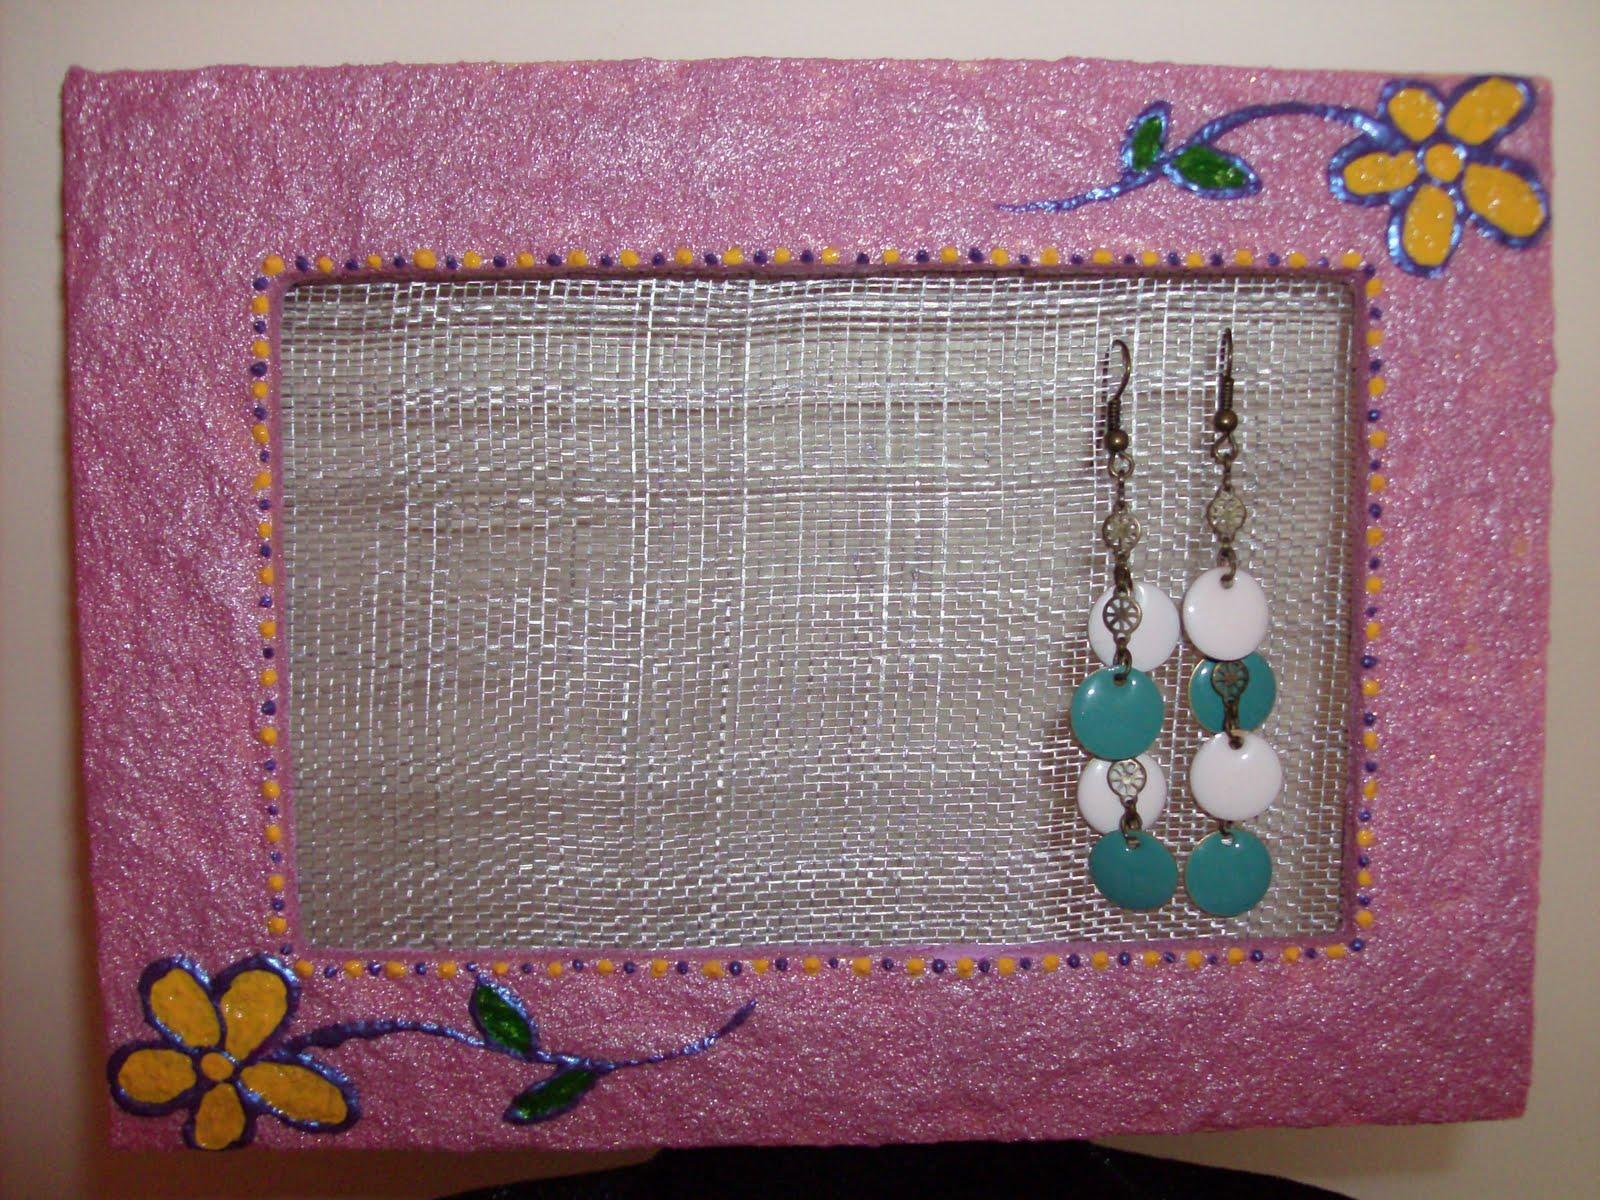 El taller de gretel cuadro peque o para colgar tus pendientes - Para colgar pendientes ...